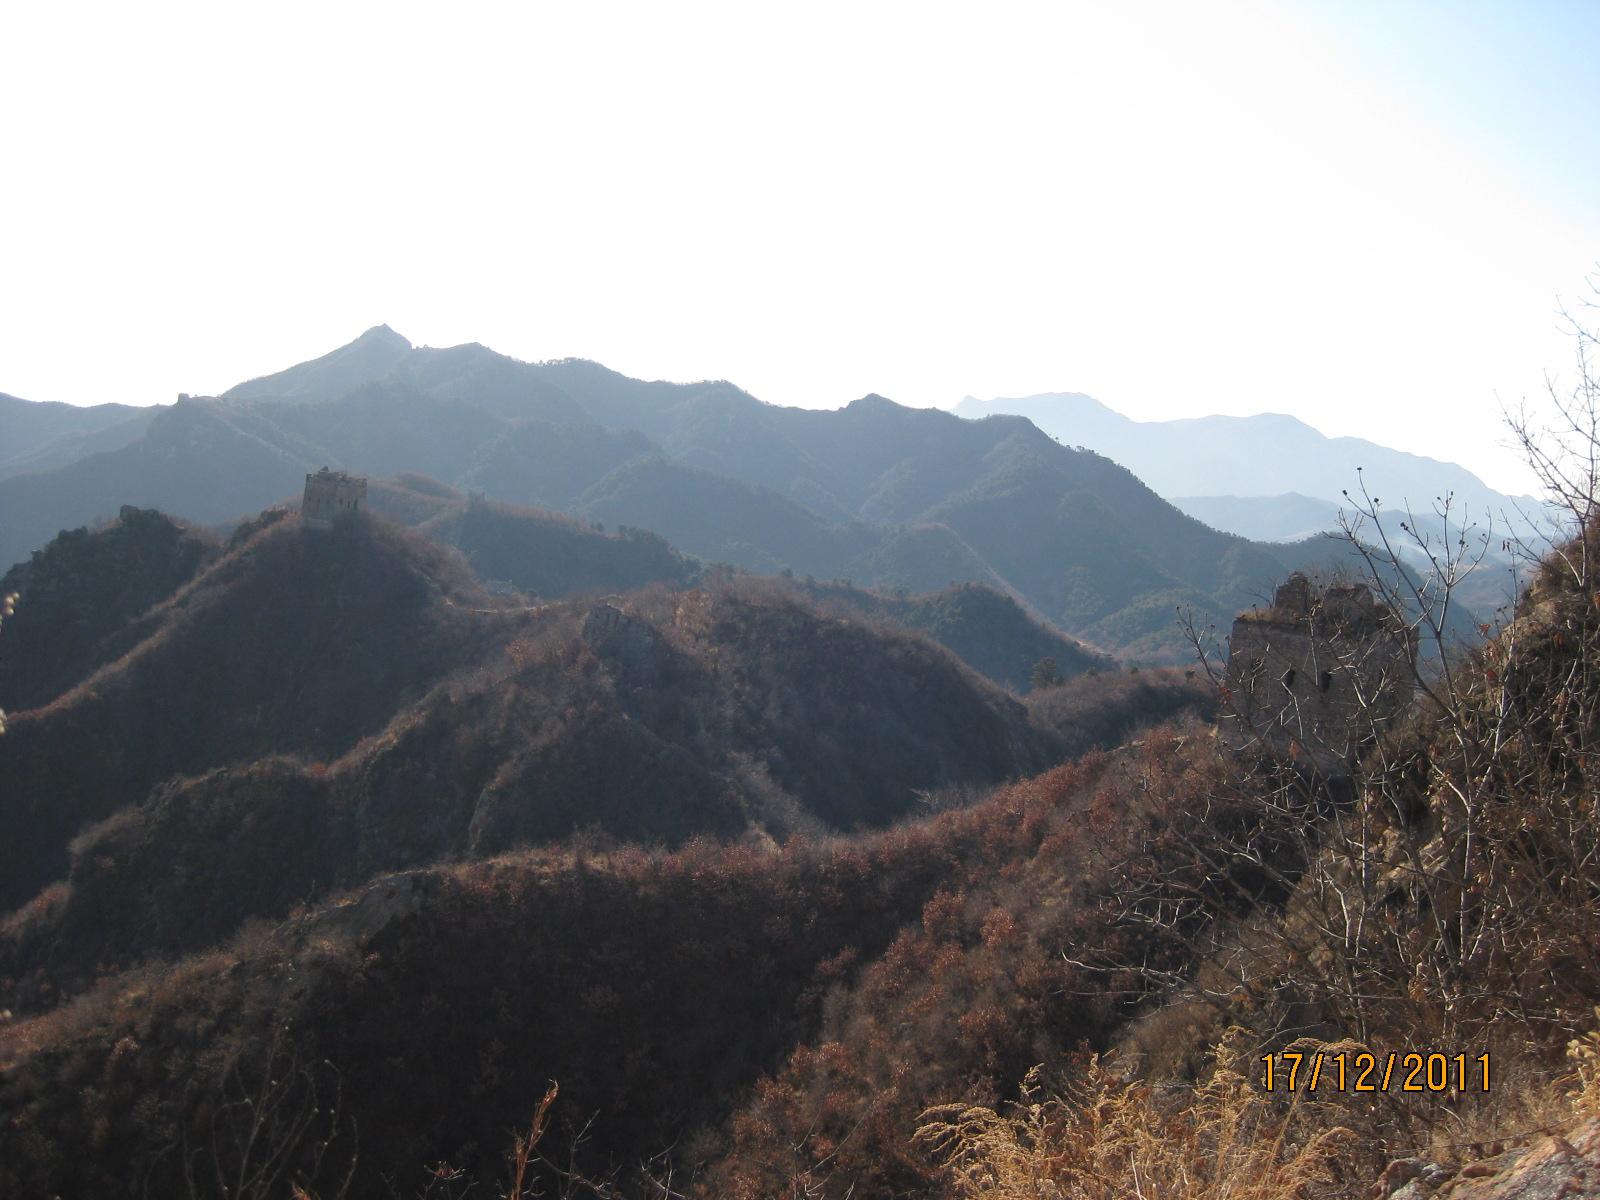 111217葫芦岛户外旅行伍于绥中锥子山长城